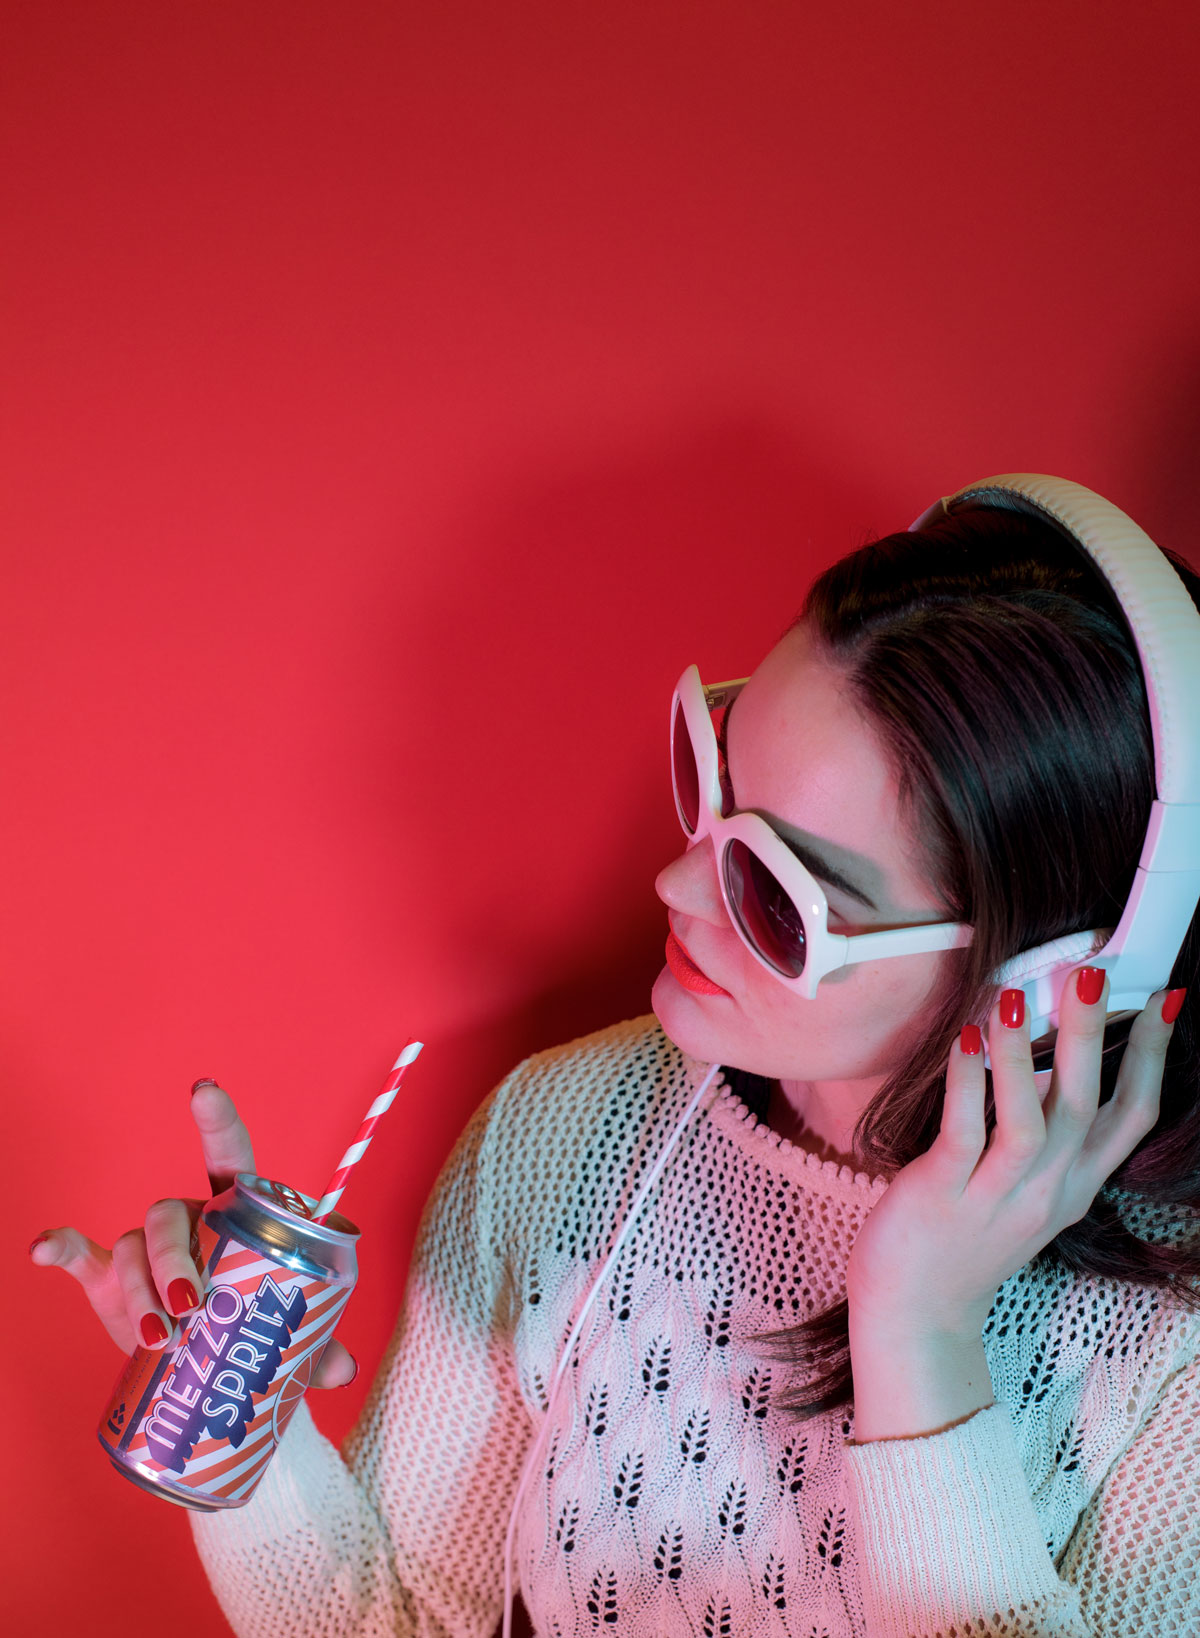 red---kallan-headphones-looking-off-frame-web.jpg